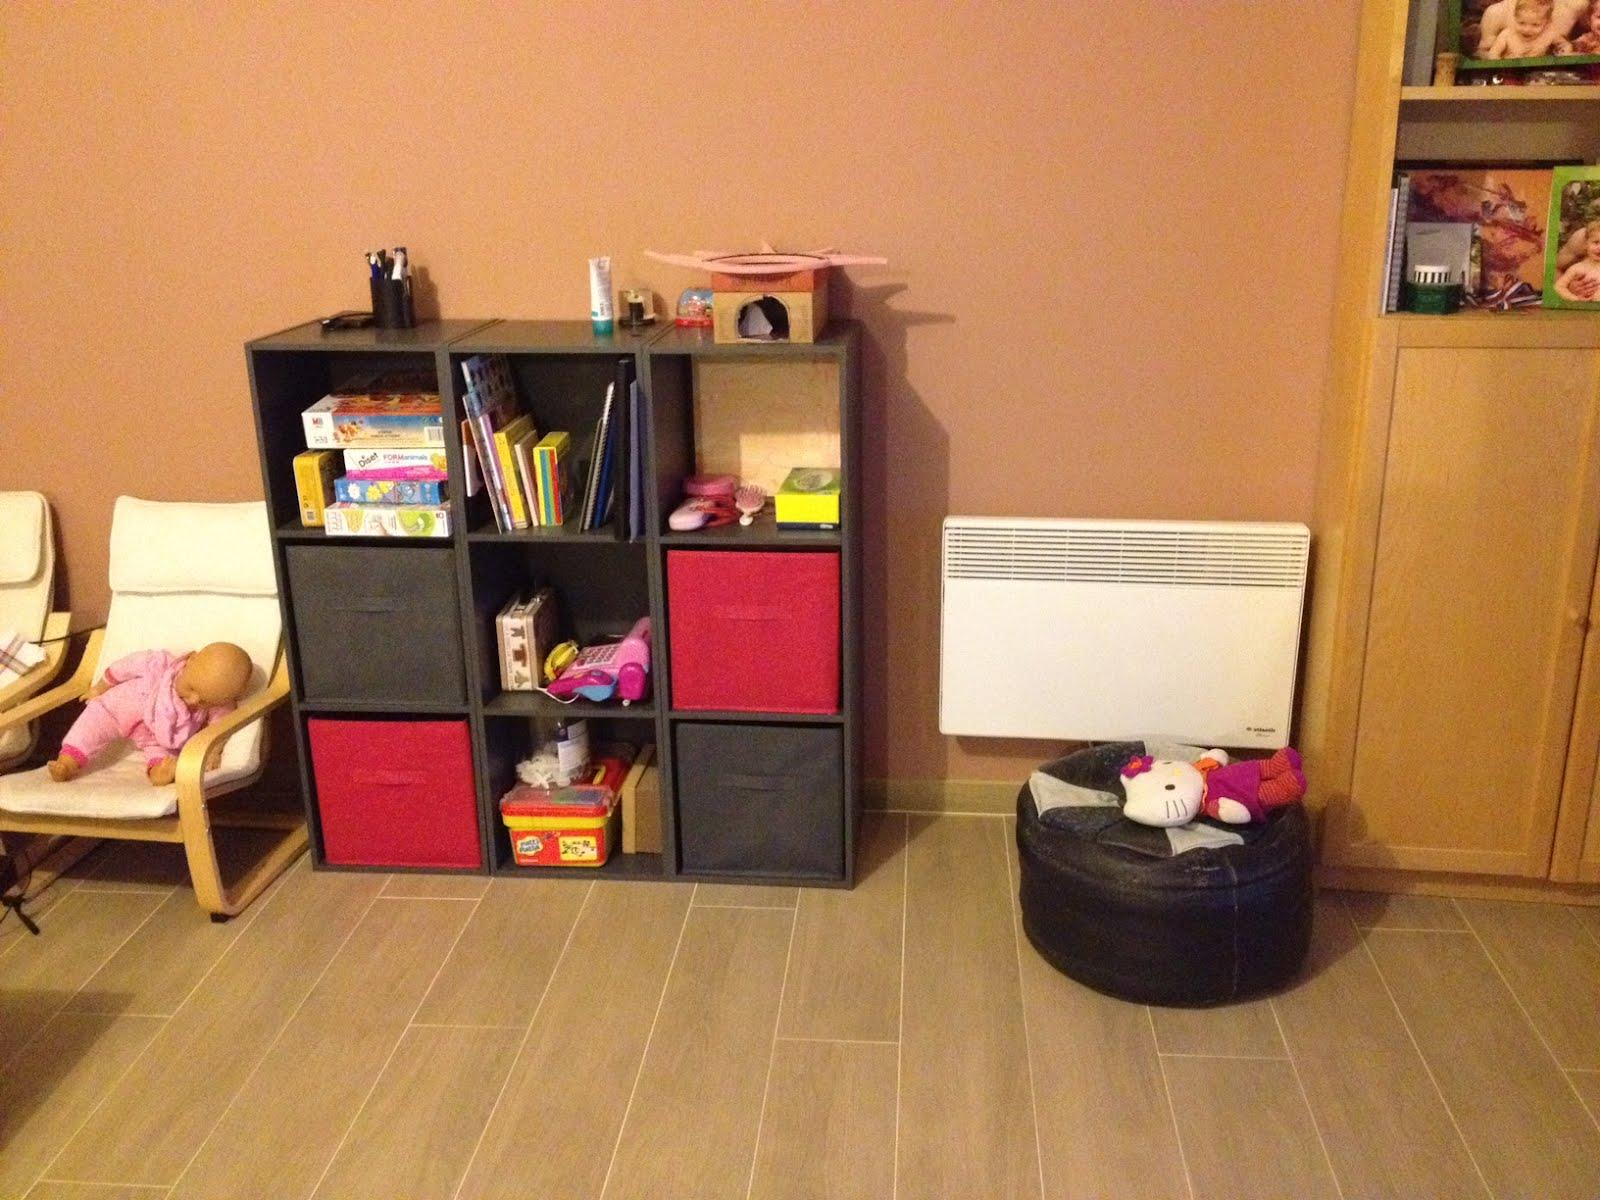 Maison nouveau coin rangement des jouets ds le salon for Les salon de maison